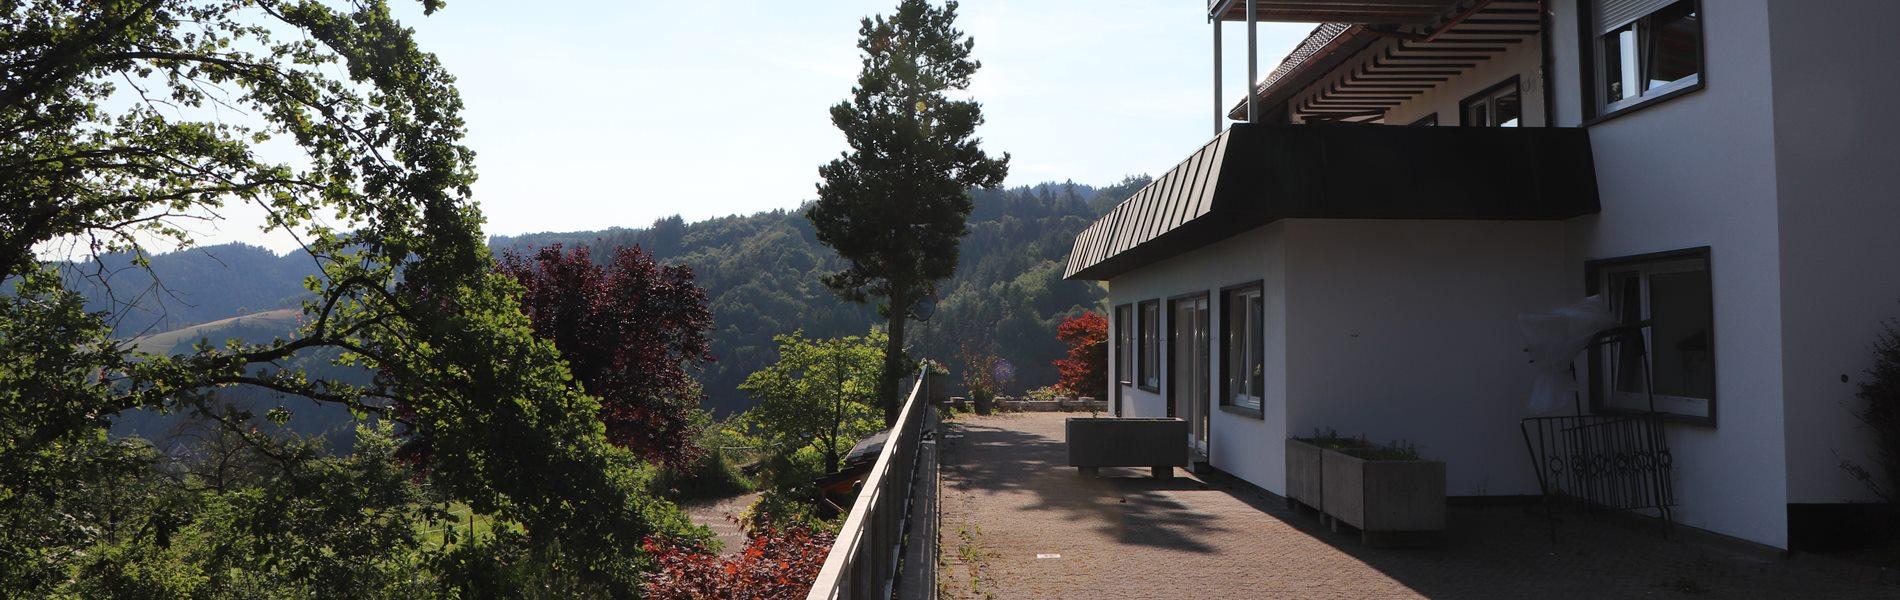 wohnung-vier-sommer-wohnpark-oberharmersbach